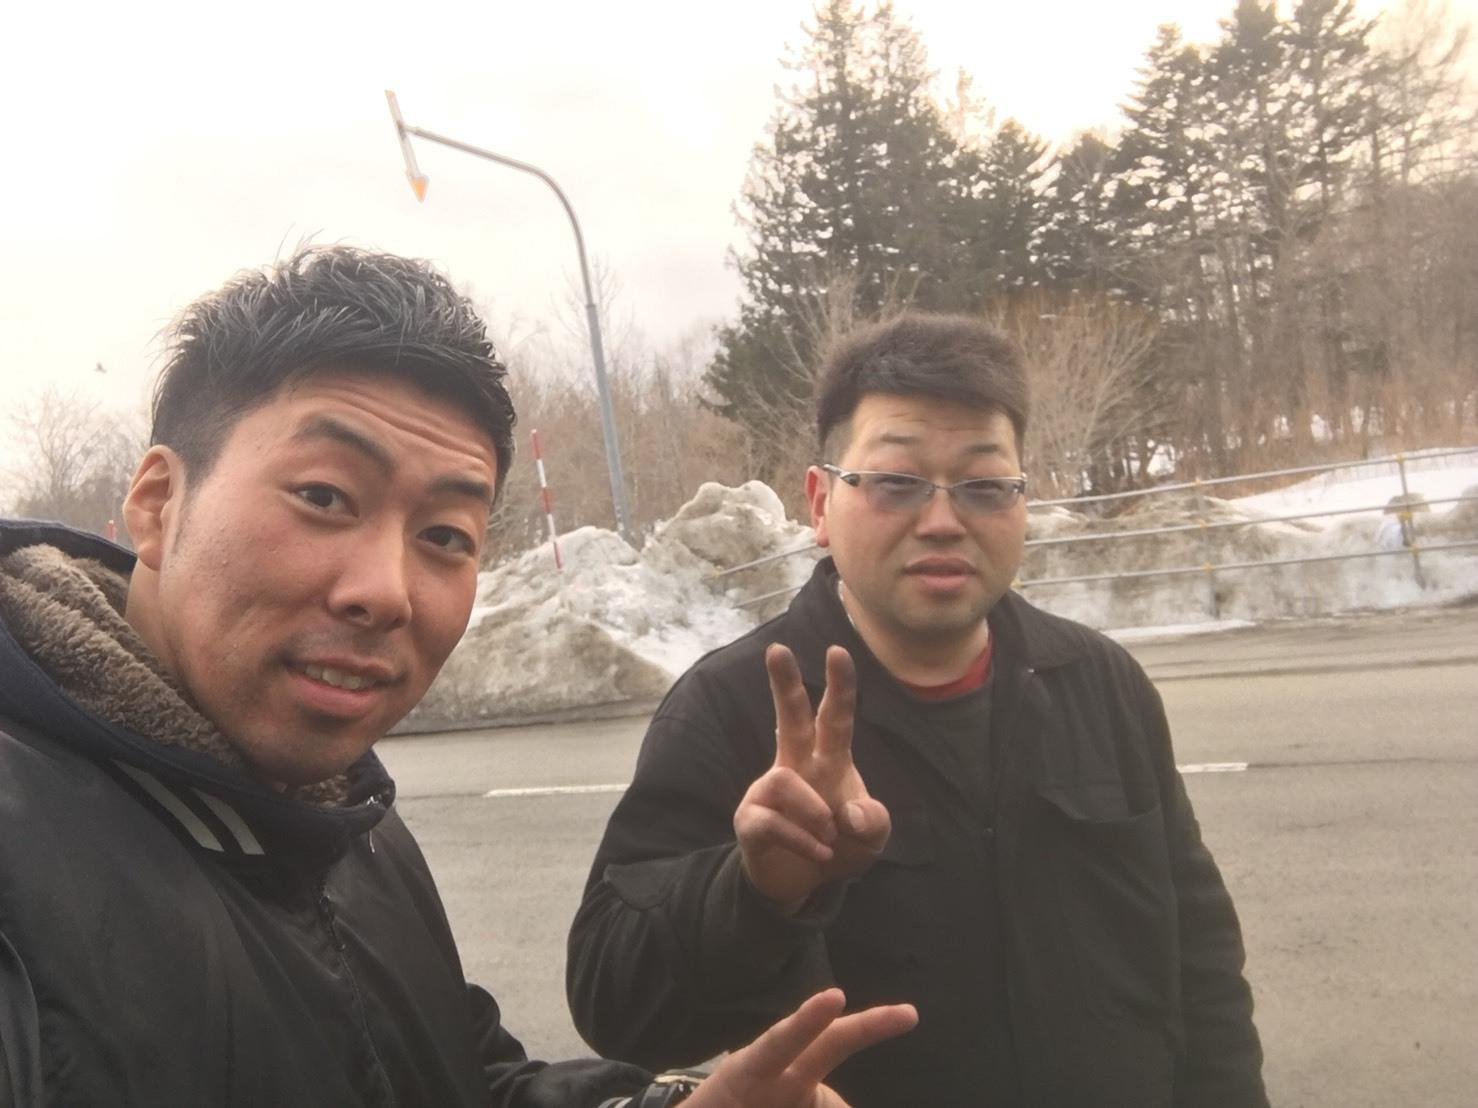 3月14日(水)トミーベース カスタムブログ☆NZでLX450仕入中☆カマロも素敵にカスタム中☆_b0127002_10412515.jpg